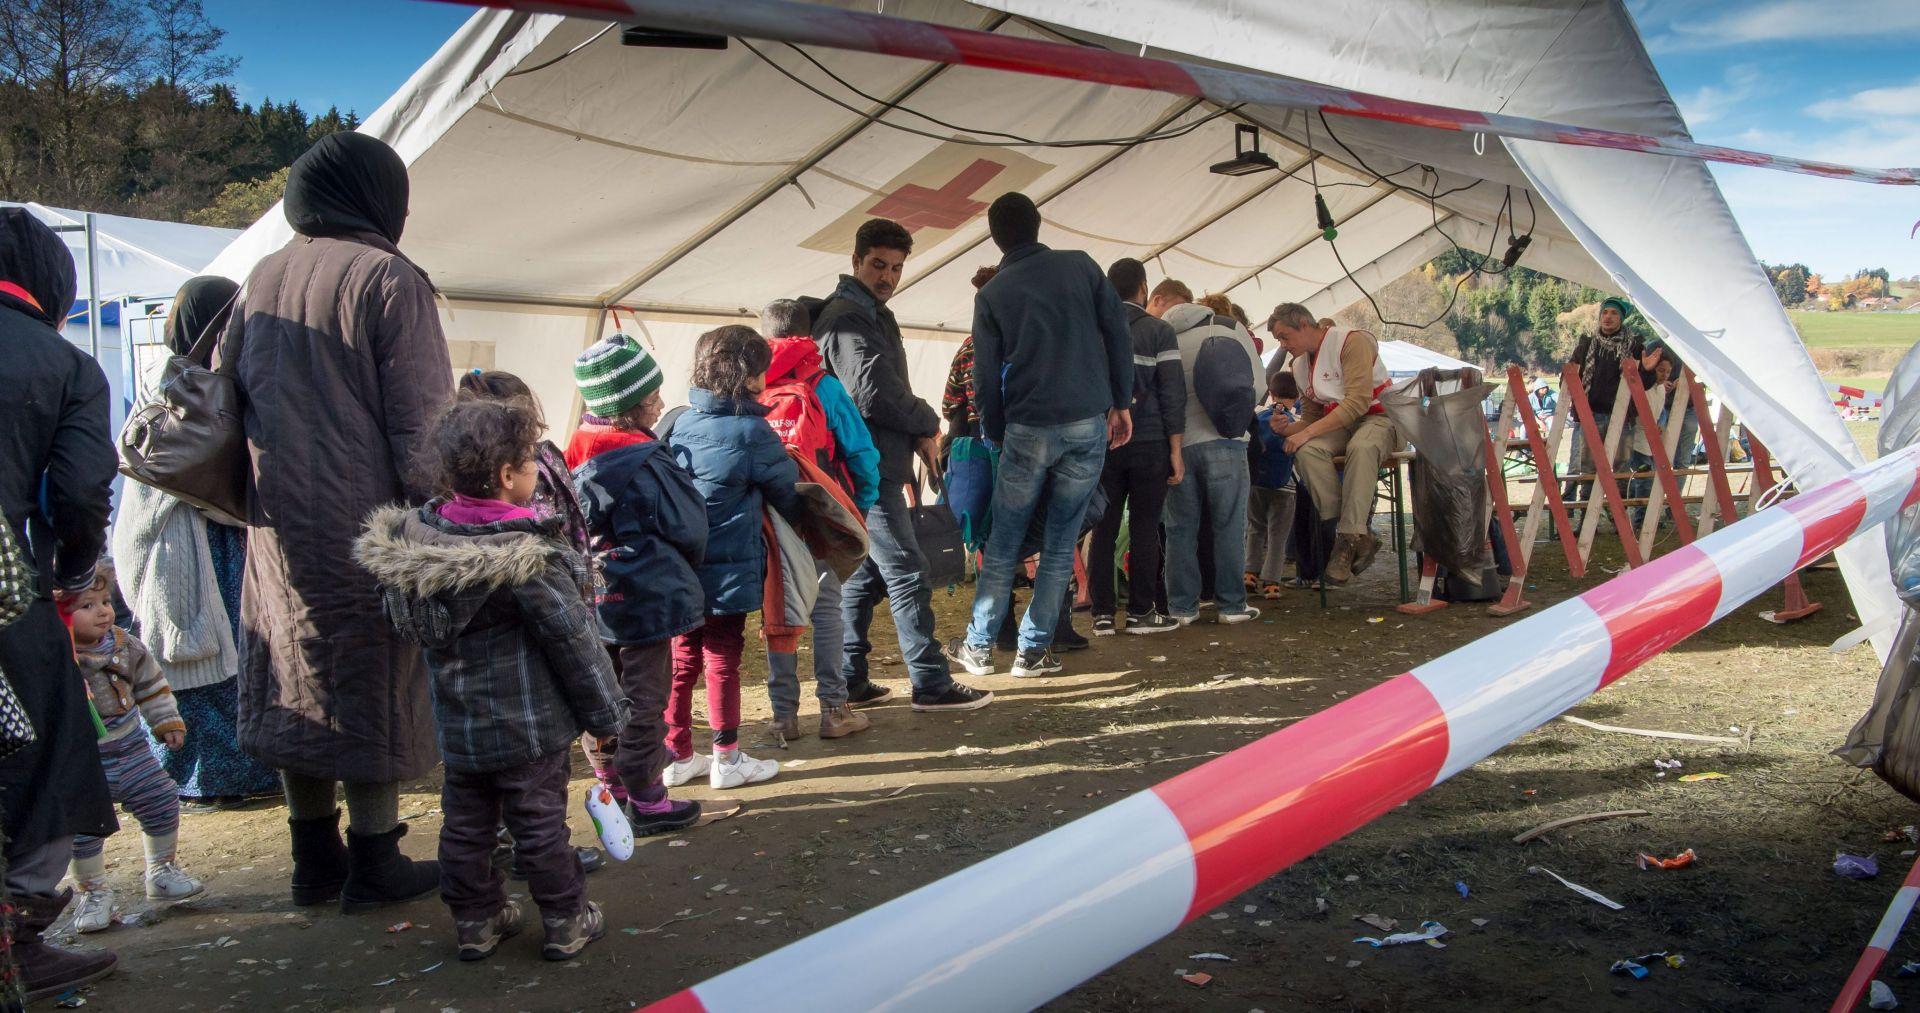 NJEMAČKA VRAĆA 50 TISUĆA MIGRANATA U ALBANIJU Mađarska želi na sudu poništiti plan europske podjele migranata